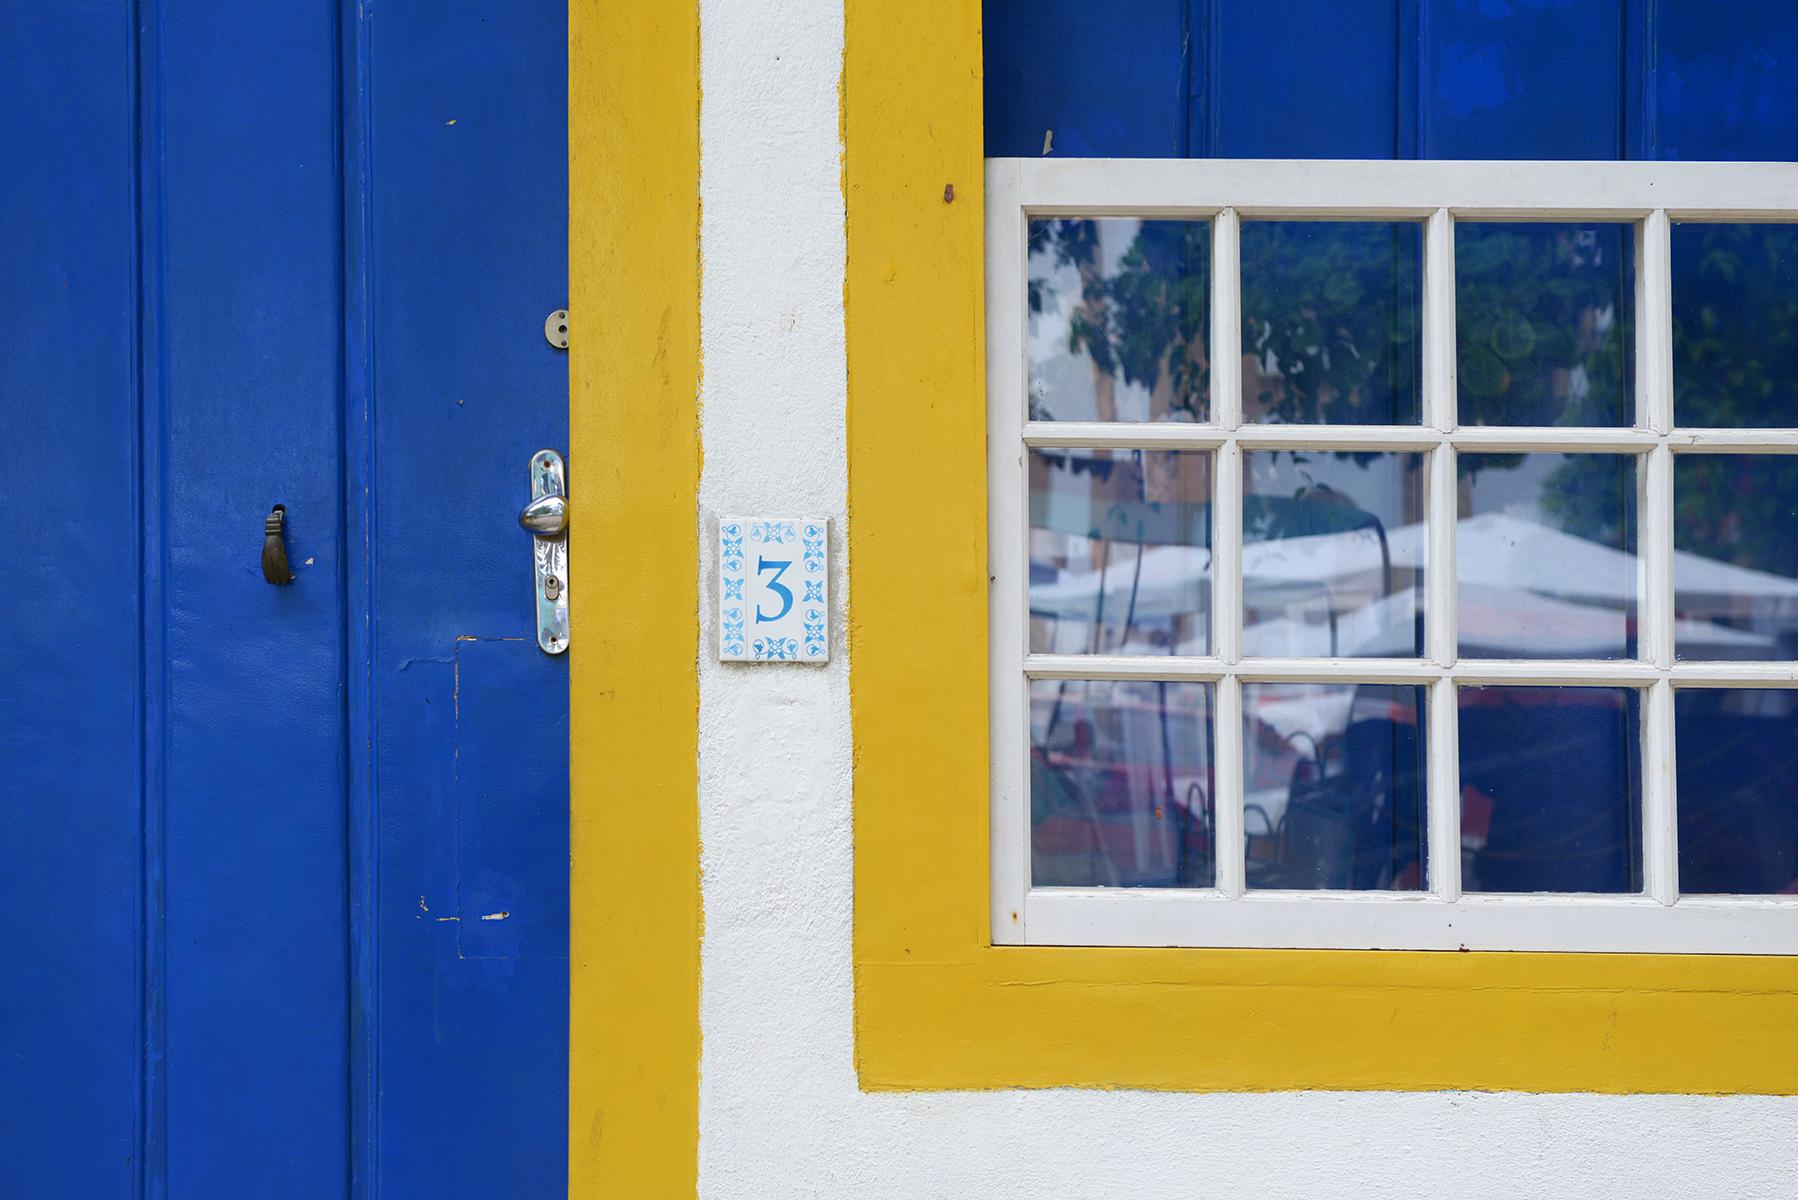 matkablogi, blogi, Brasilia, Paraty, värikäs, ikkuna, ovi